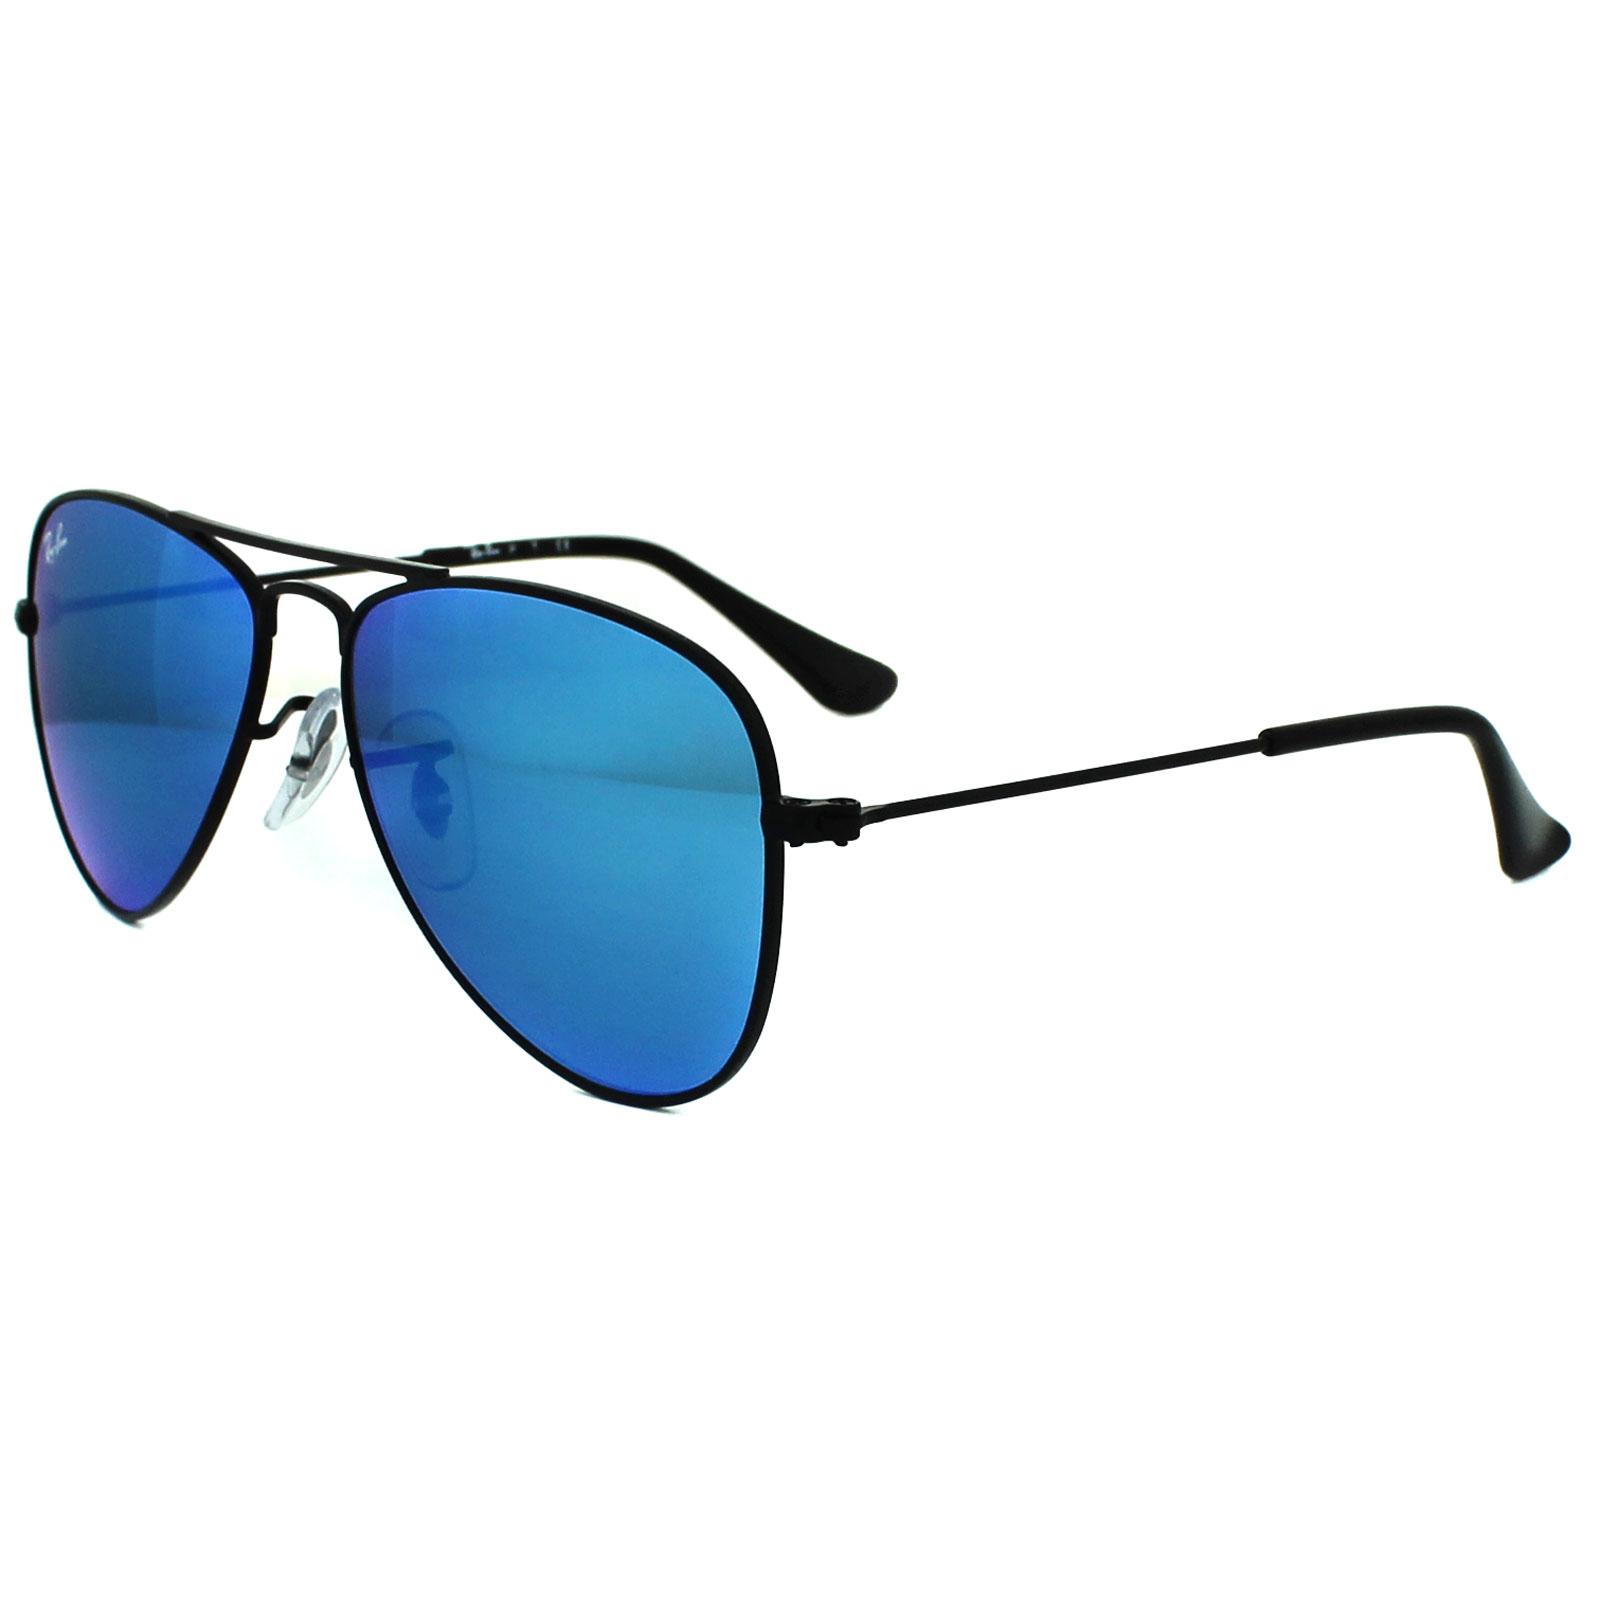 0028068dc2276 CENTINELA Gafas de sol de Ray-Ban Junior 9506 201 55 Flash azul negro espejo